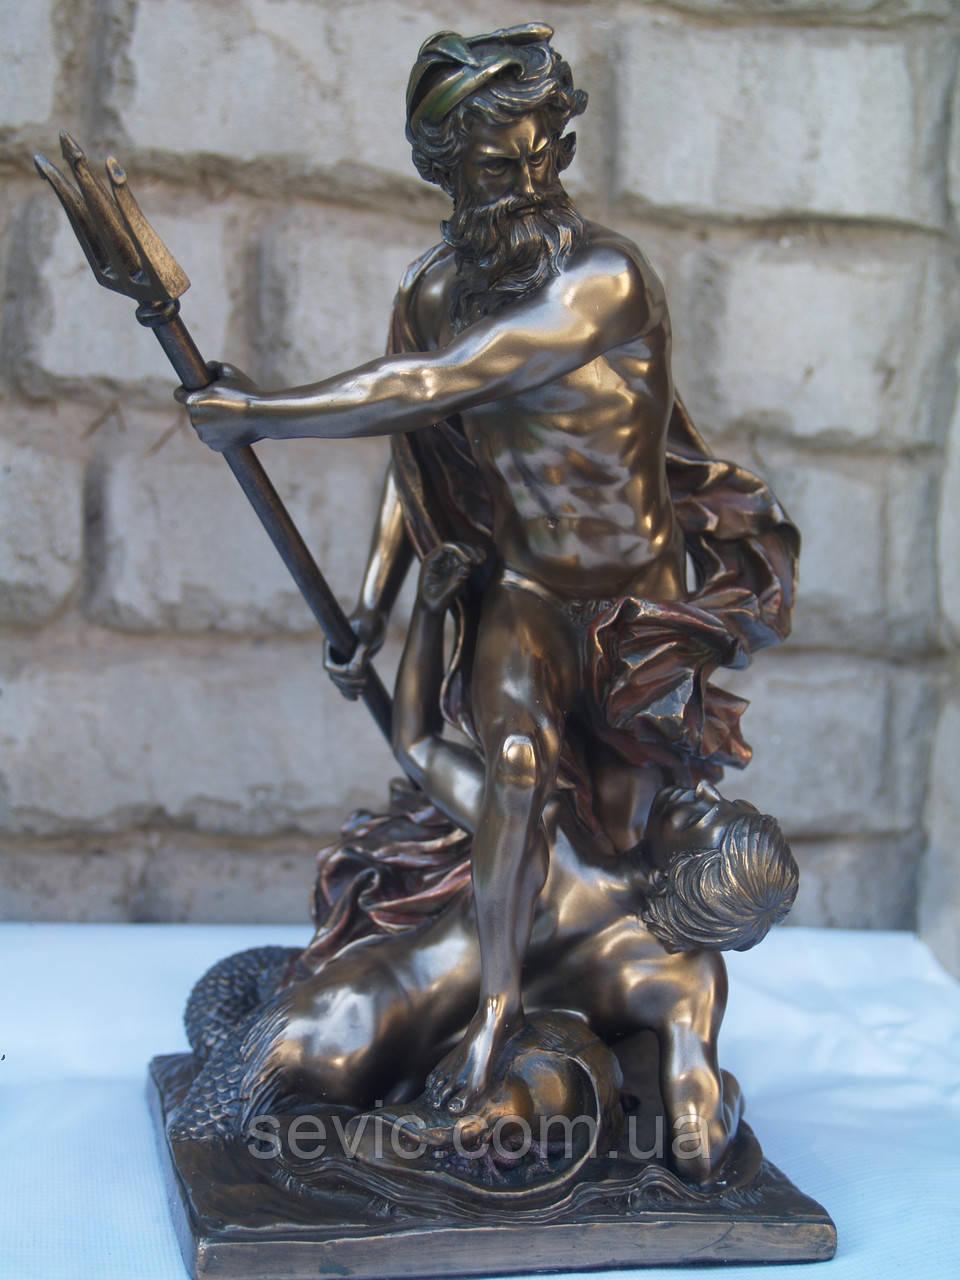 Статуэтка Veronese Посейдон 28 см